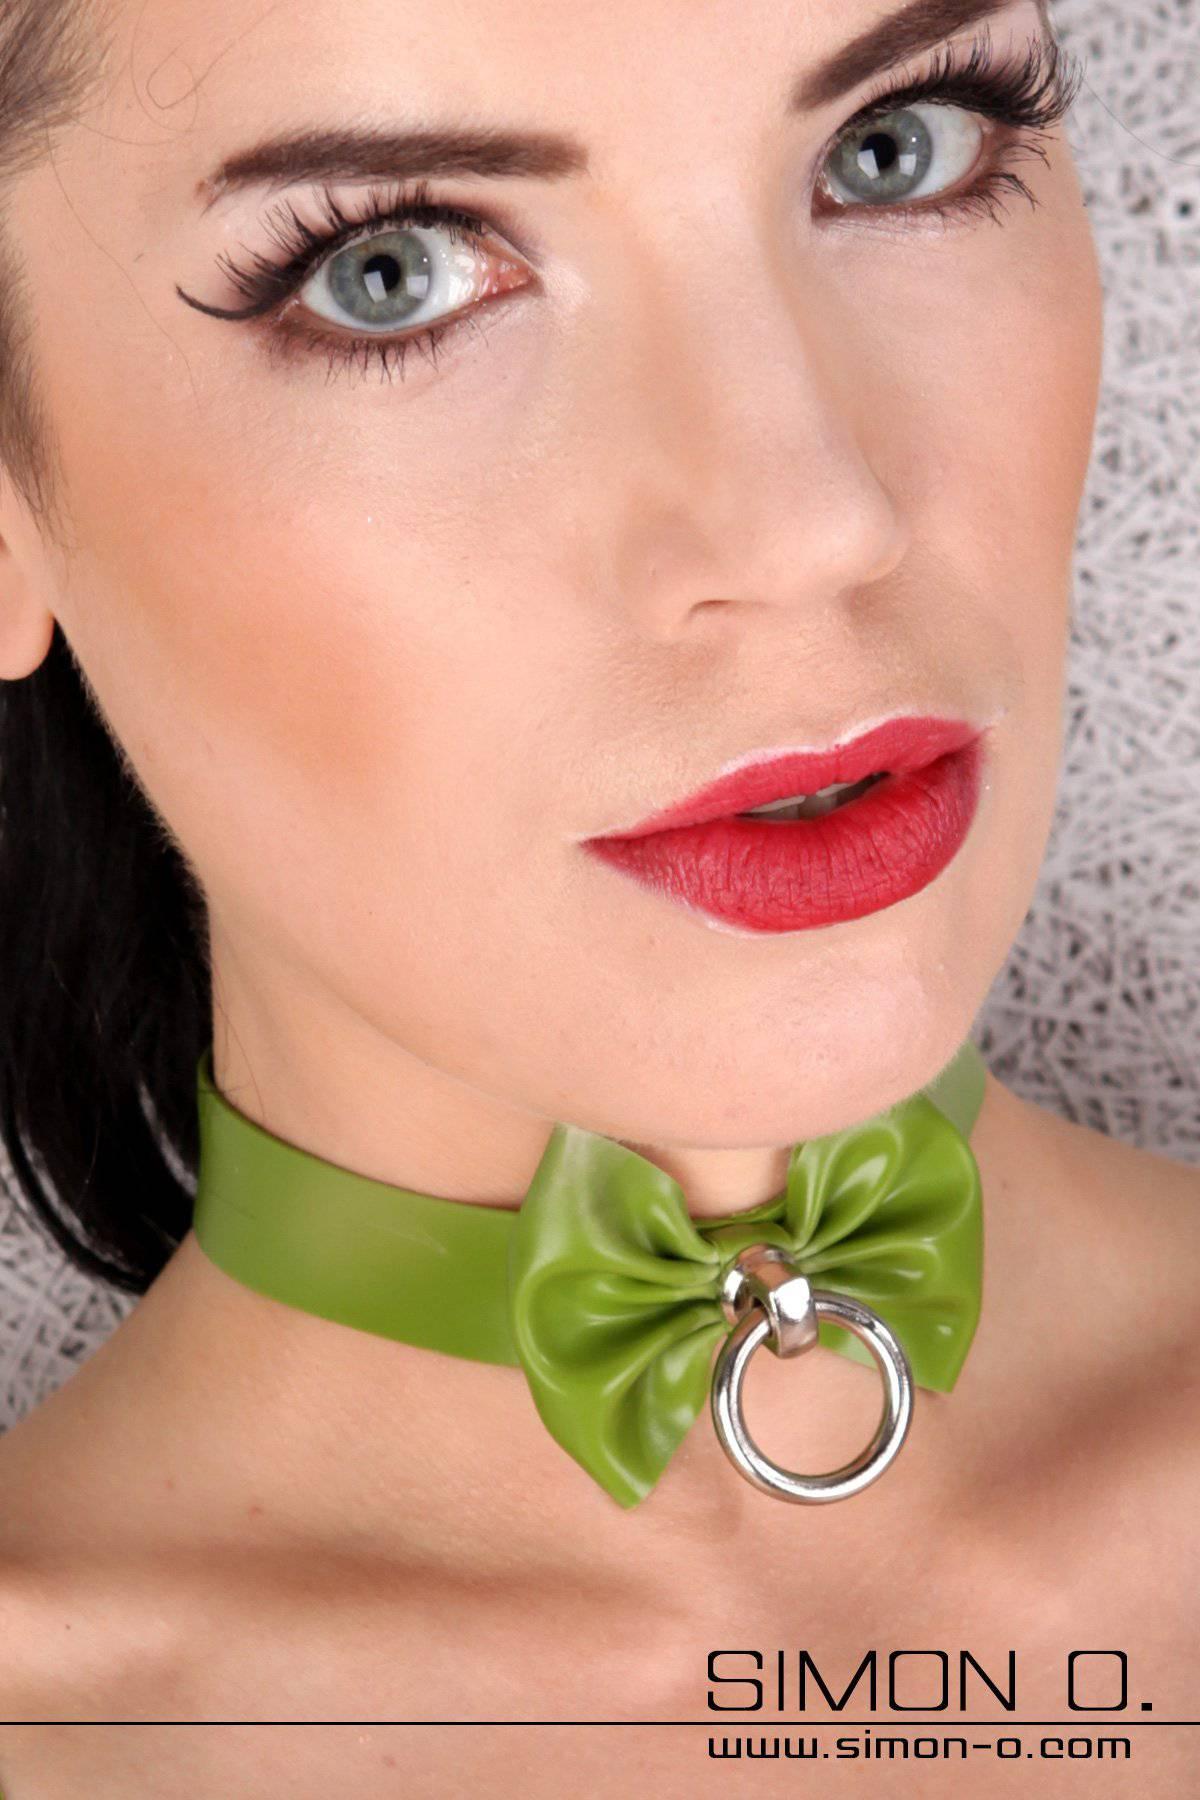 Latex Halsband mit Masche und O-Ring Latex Halsband mit Schleife und O-Ring aus dickem Latex, dieses 2 cm breite Latex Halsband verfügt über einen eingebauten …